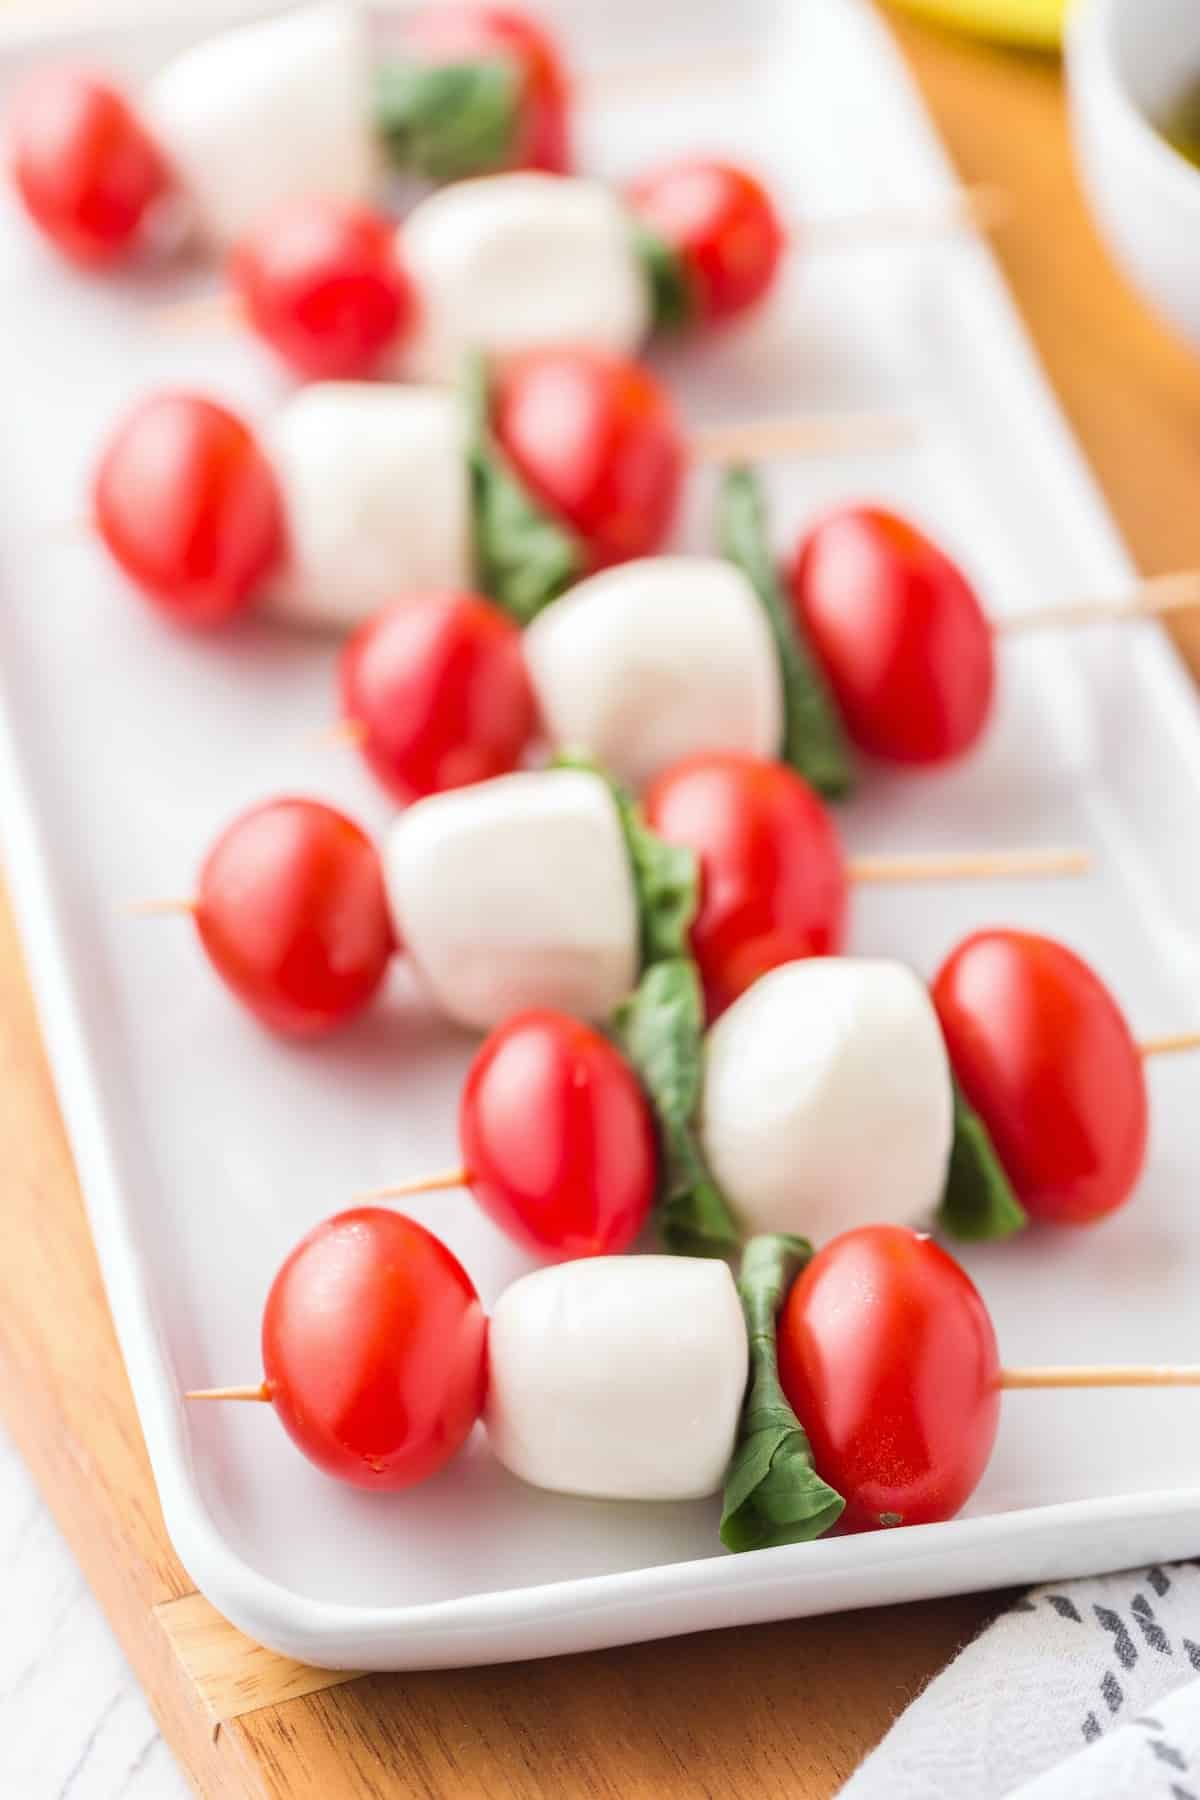 assemble tomato, mozzarella, and basil in a stick